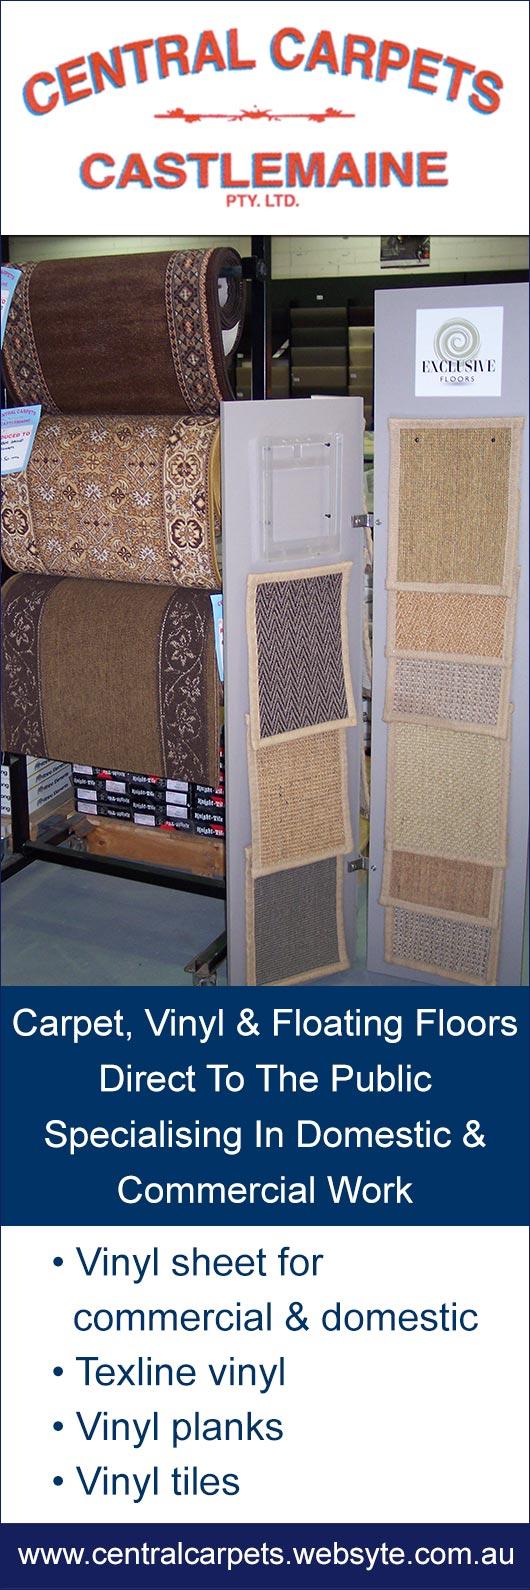 Central carpets castlemaine carpet tiles carpet retailers 40 central carpets castlemaine promotion baanklon Image collections